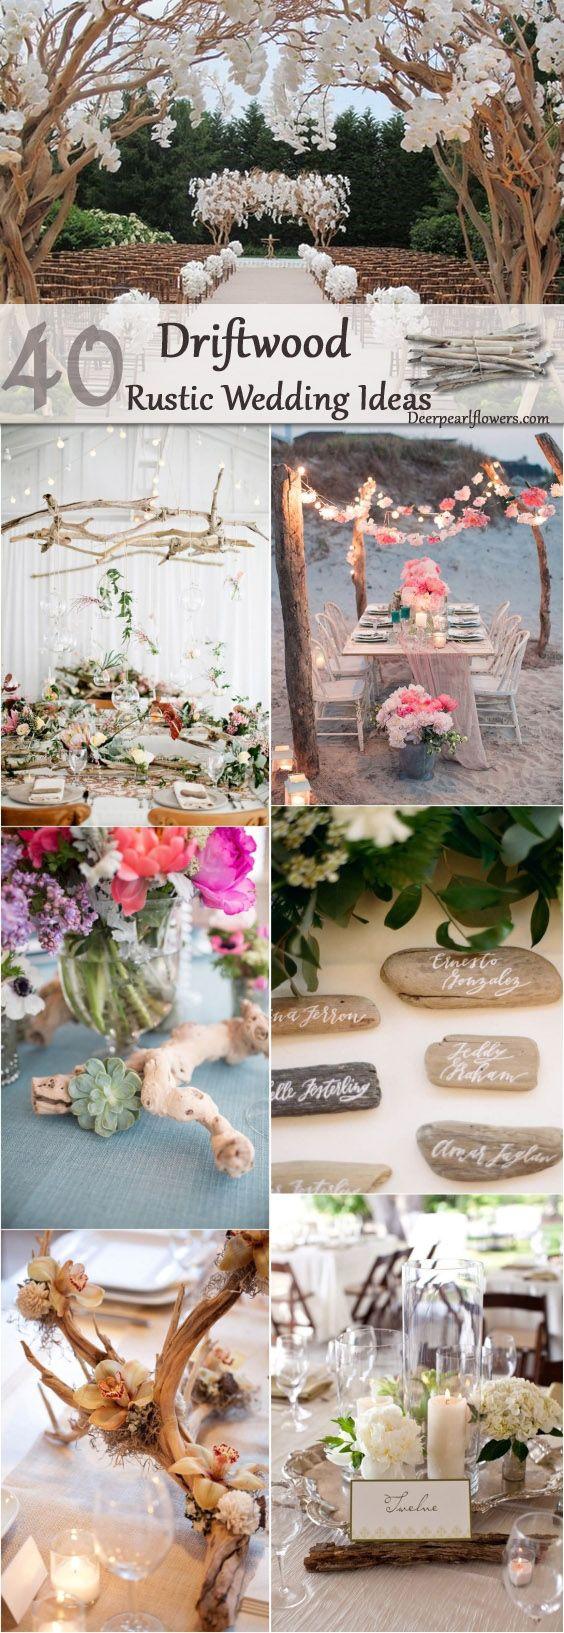 rustic driftwood wedding idea / http:// www.deerpearlflowers.com/driftwood-wedding-decor-ideas/ @theweddingomd #theweddingofmydreams